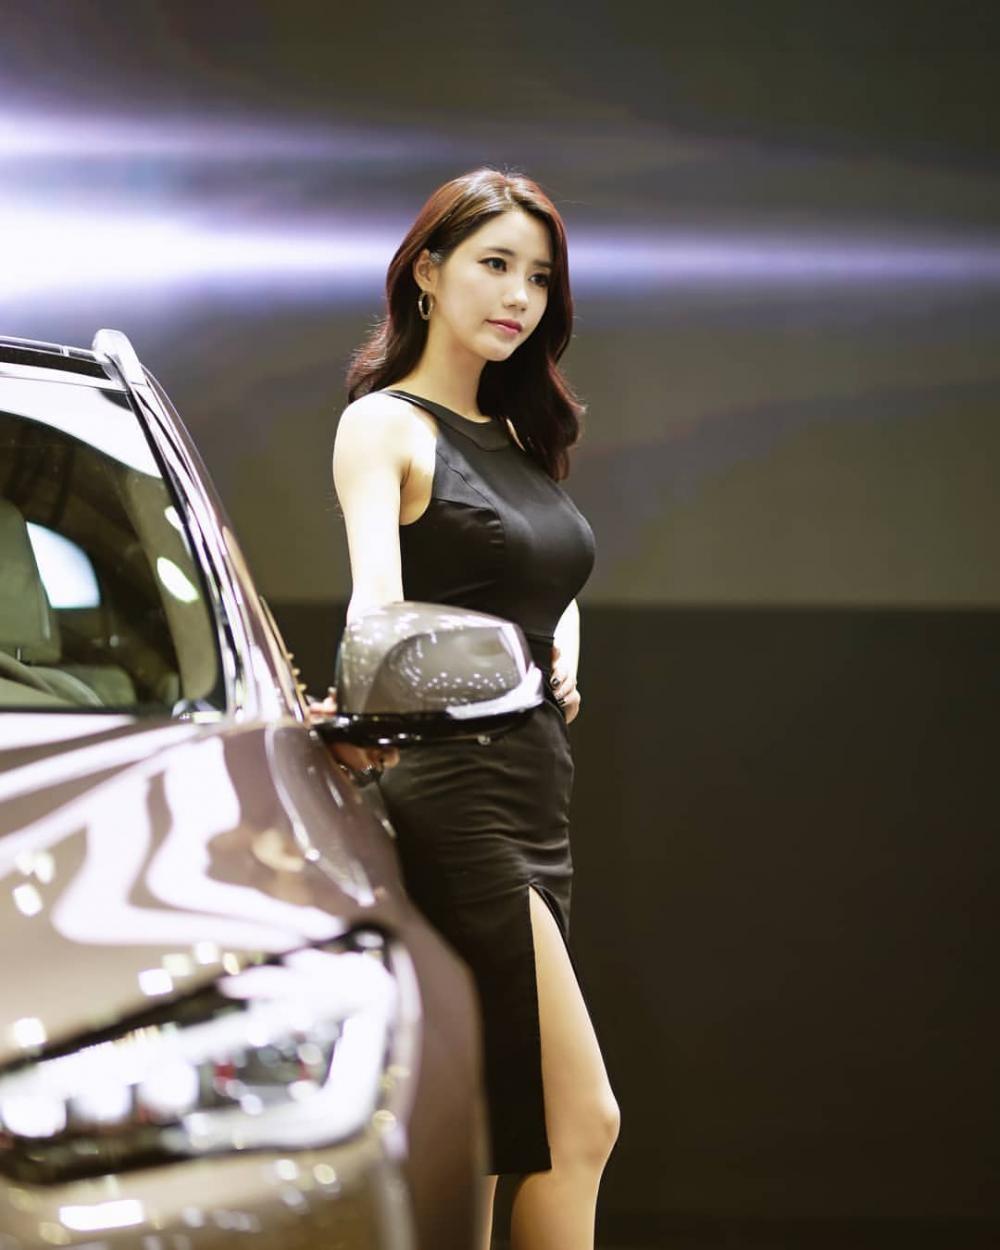 Ngất ngây với người mẫu Hàn Quốc đẹp như tiên tại triển lãm ô tô Busan 2018 - 5